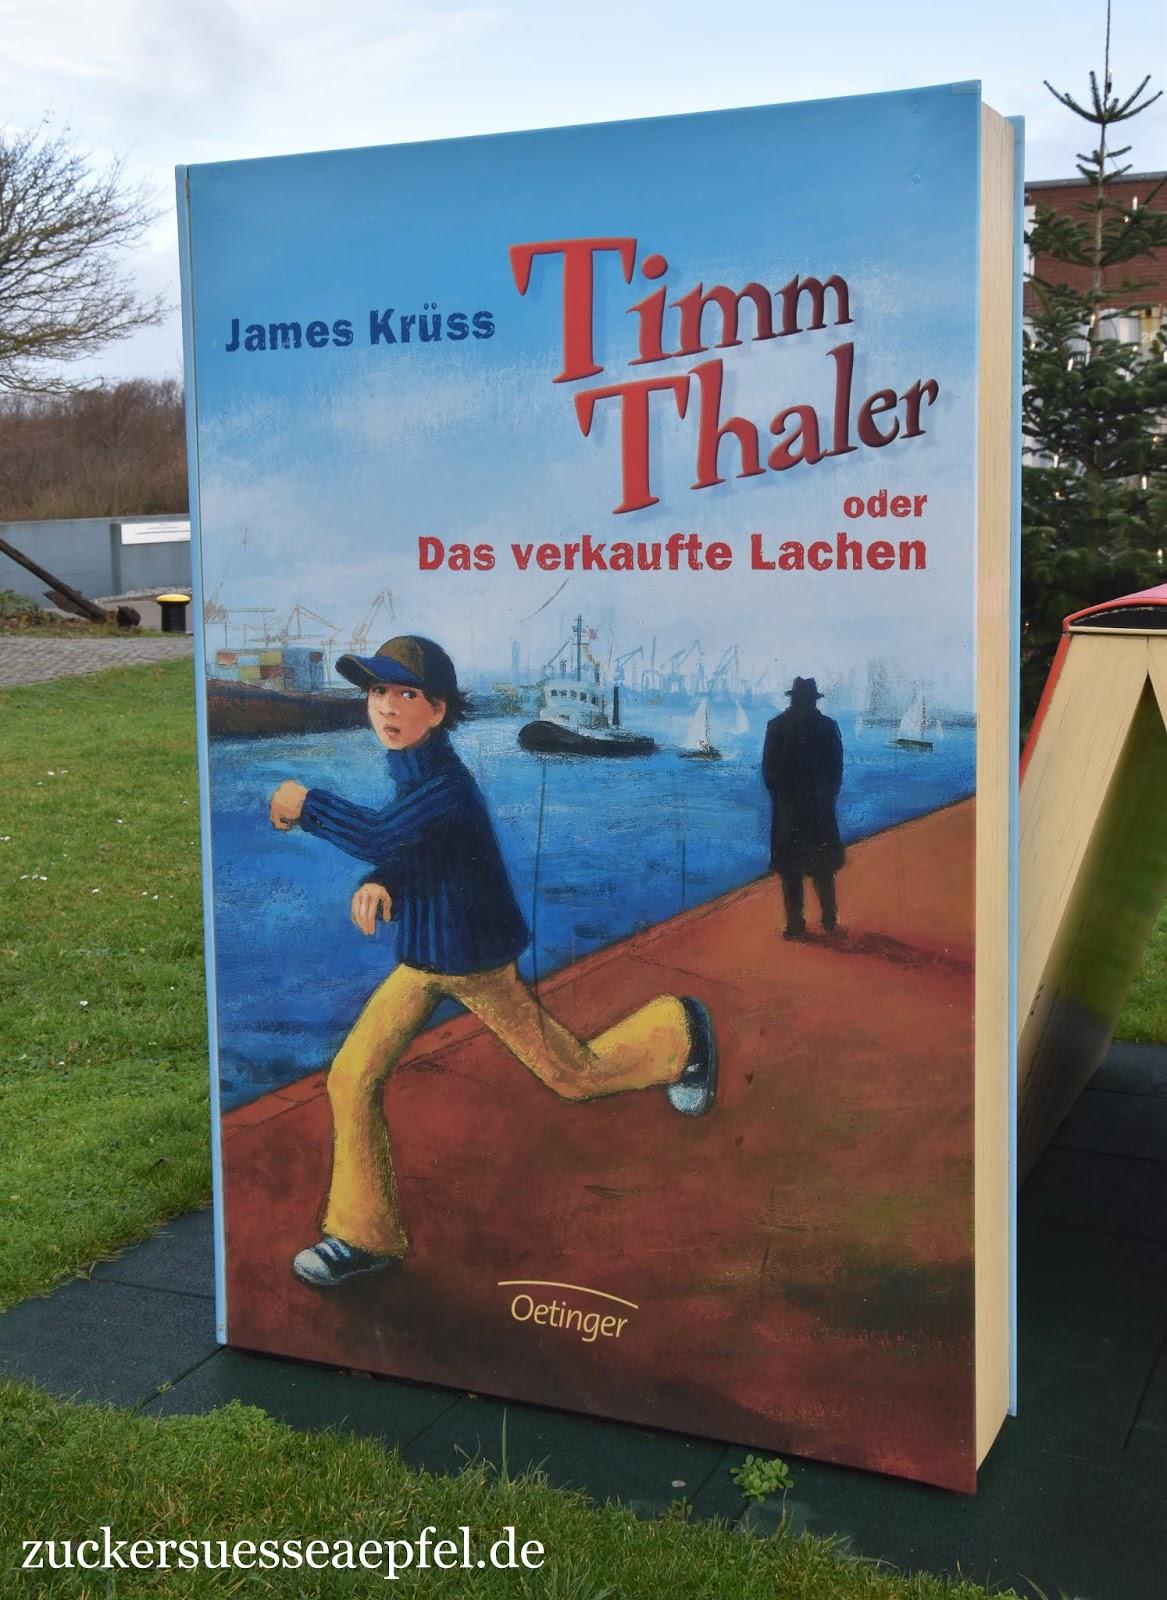 Der Bekannte Kinderbuchautor James Kruss Ein Portrat